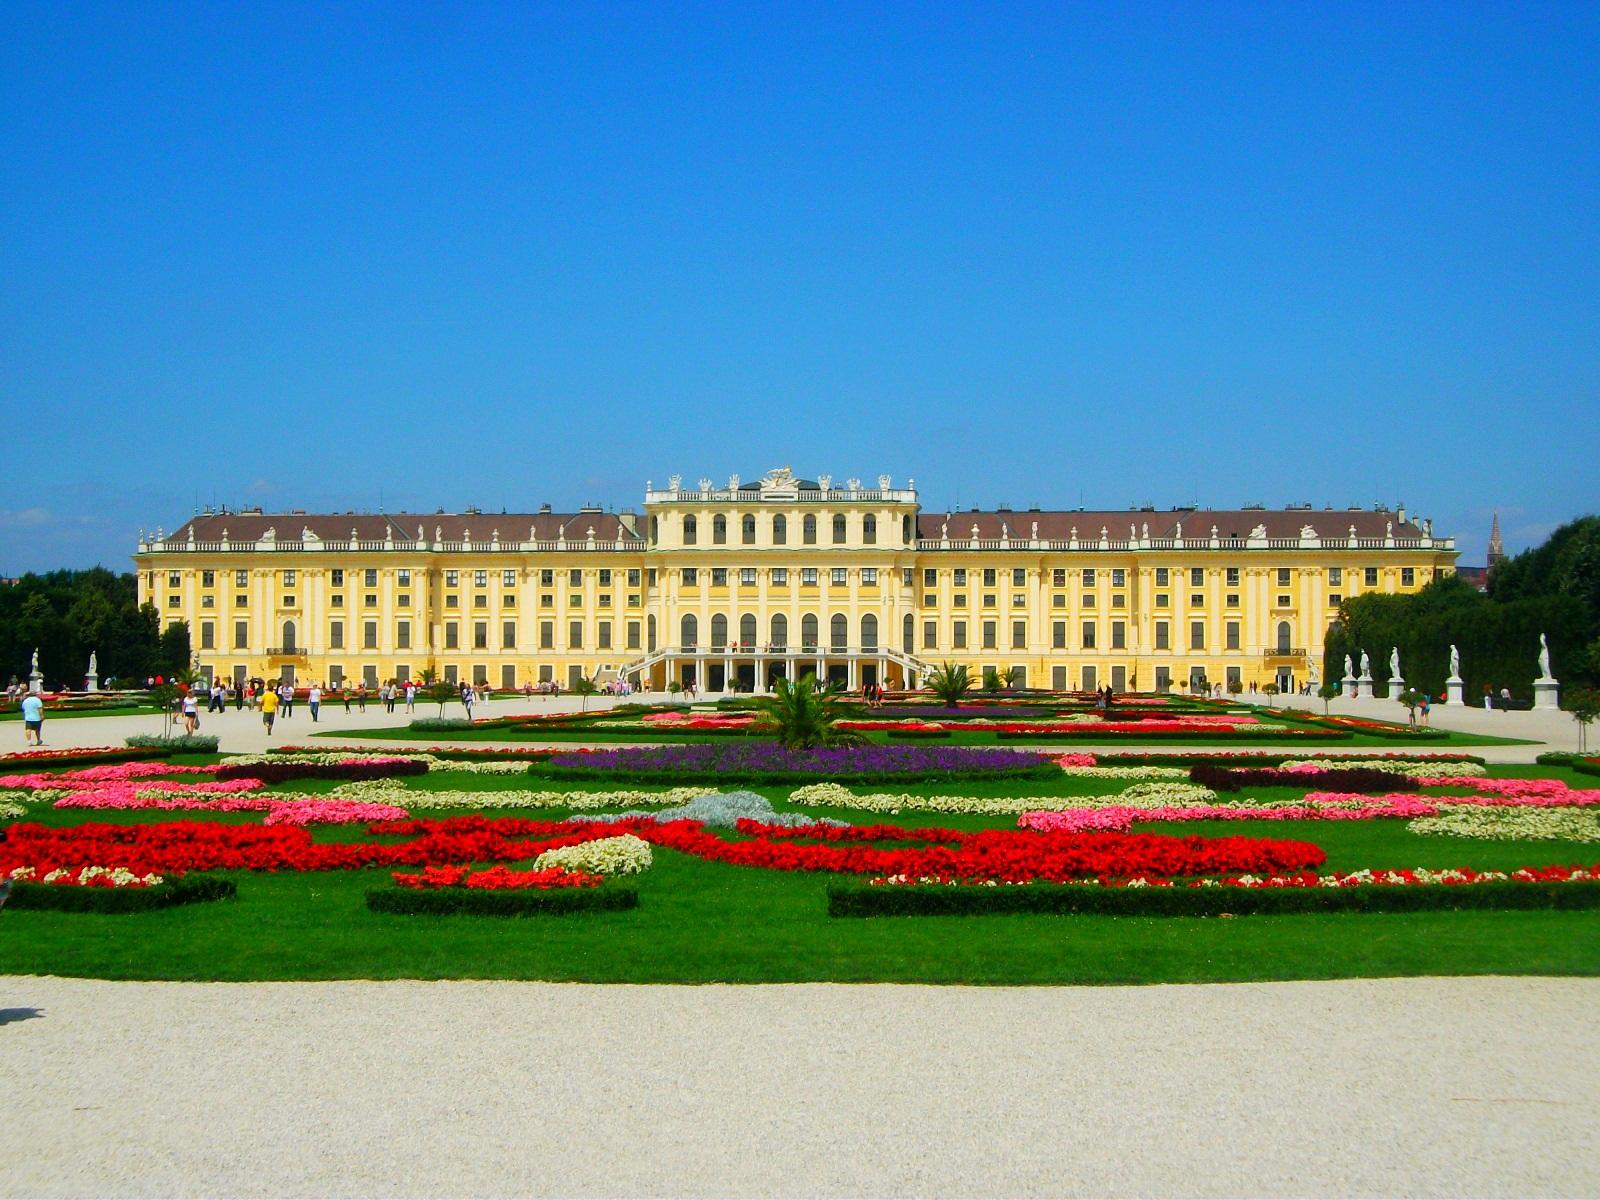 File:Schönbrunn Palace 01.jpg